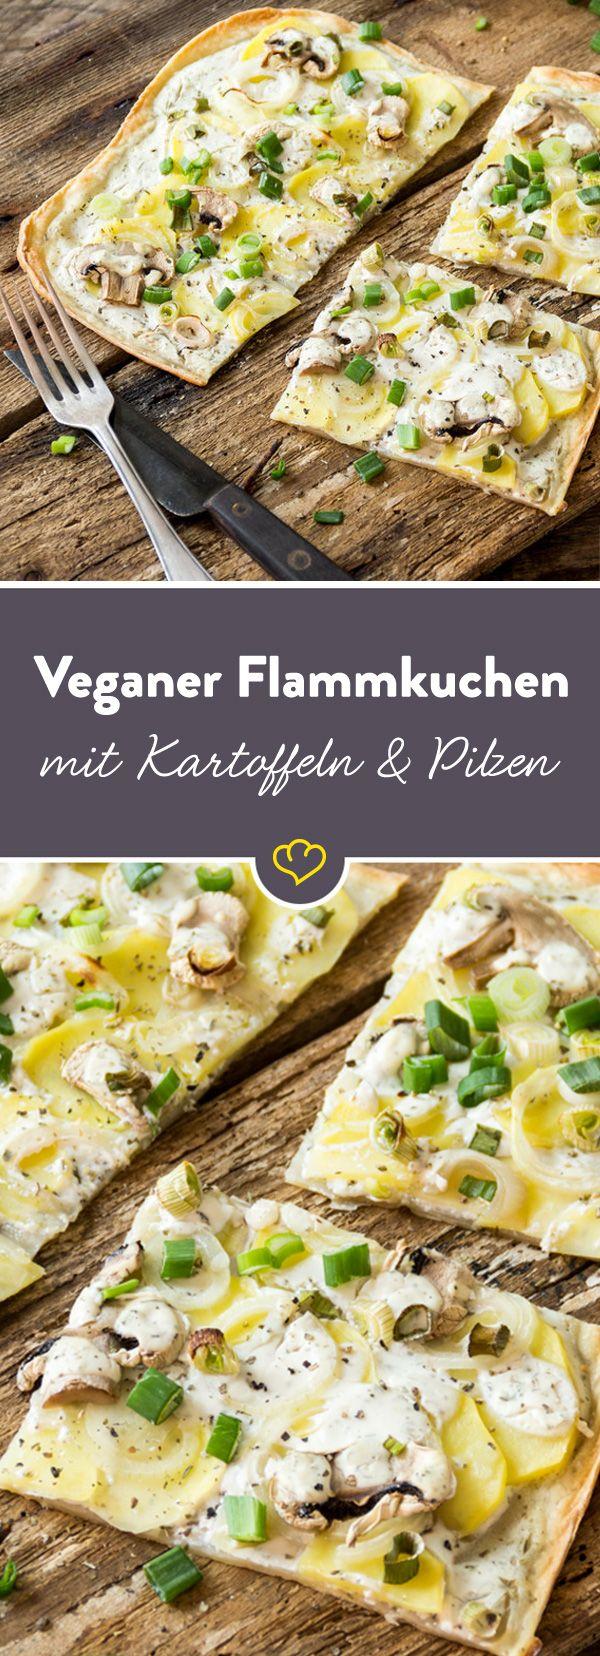 Veganer Flammkuchen mit Kartoffeln und Pilzen